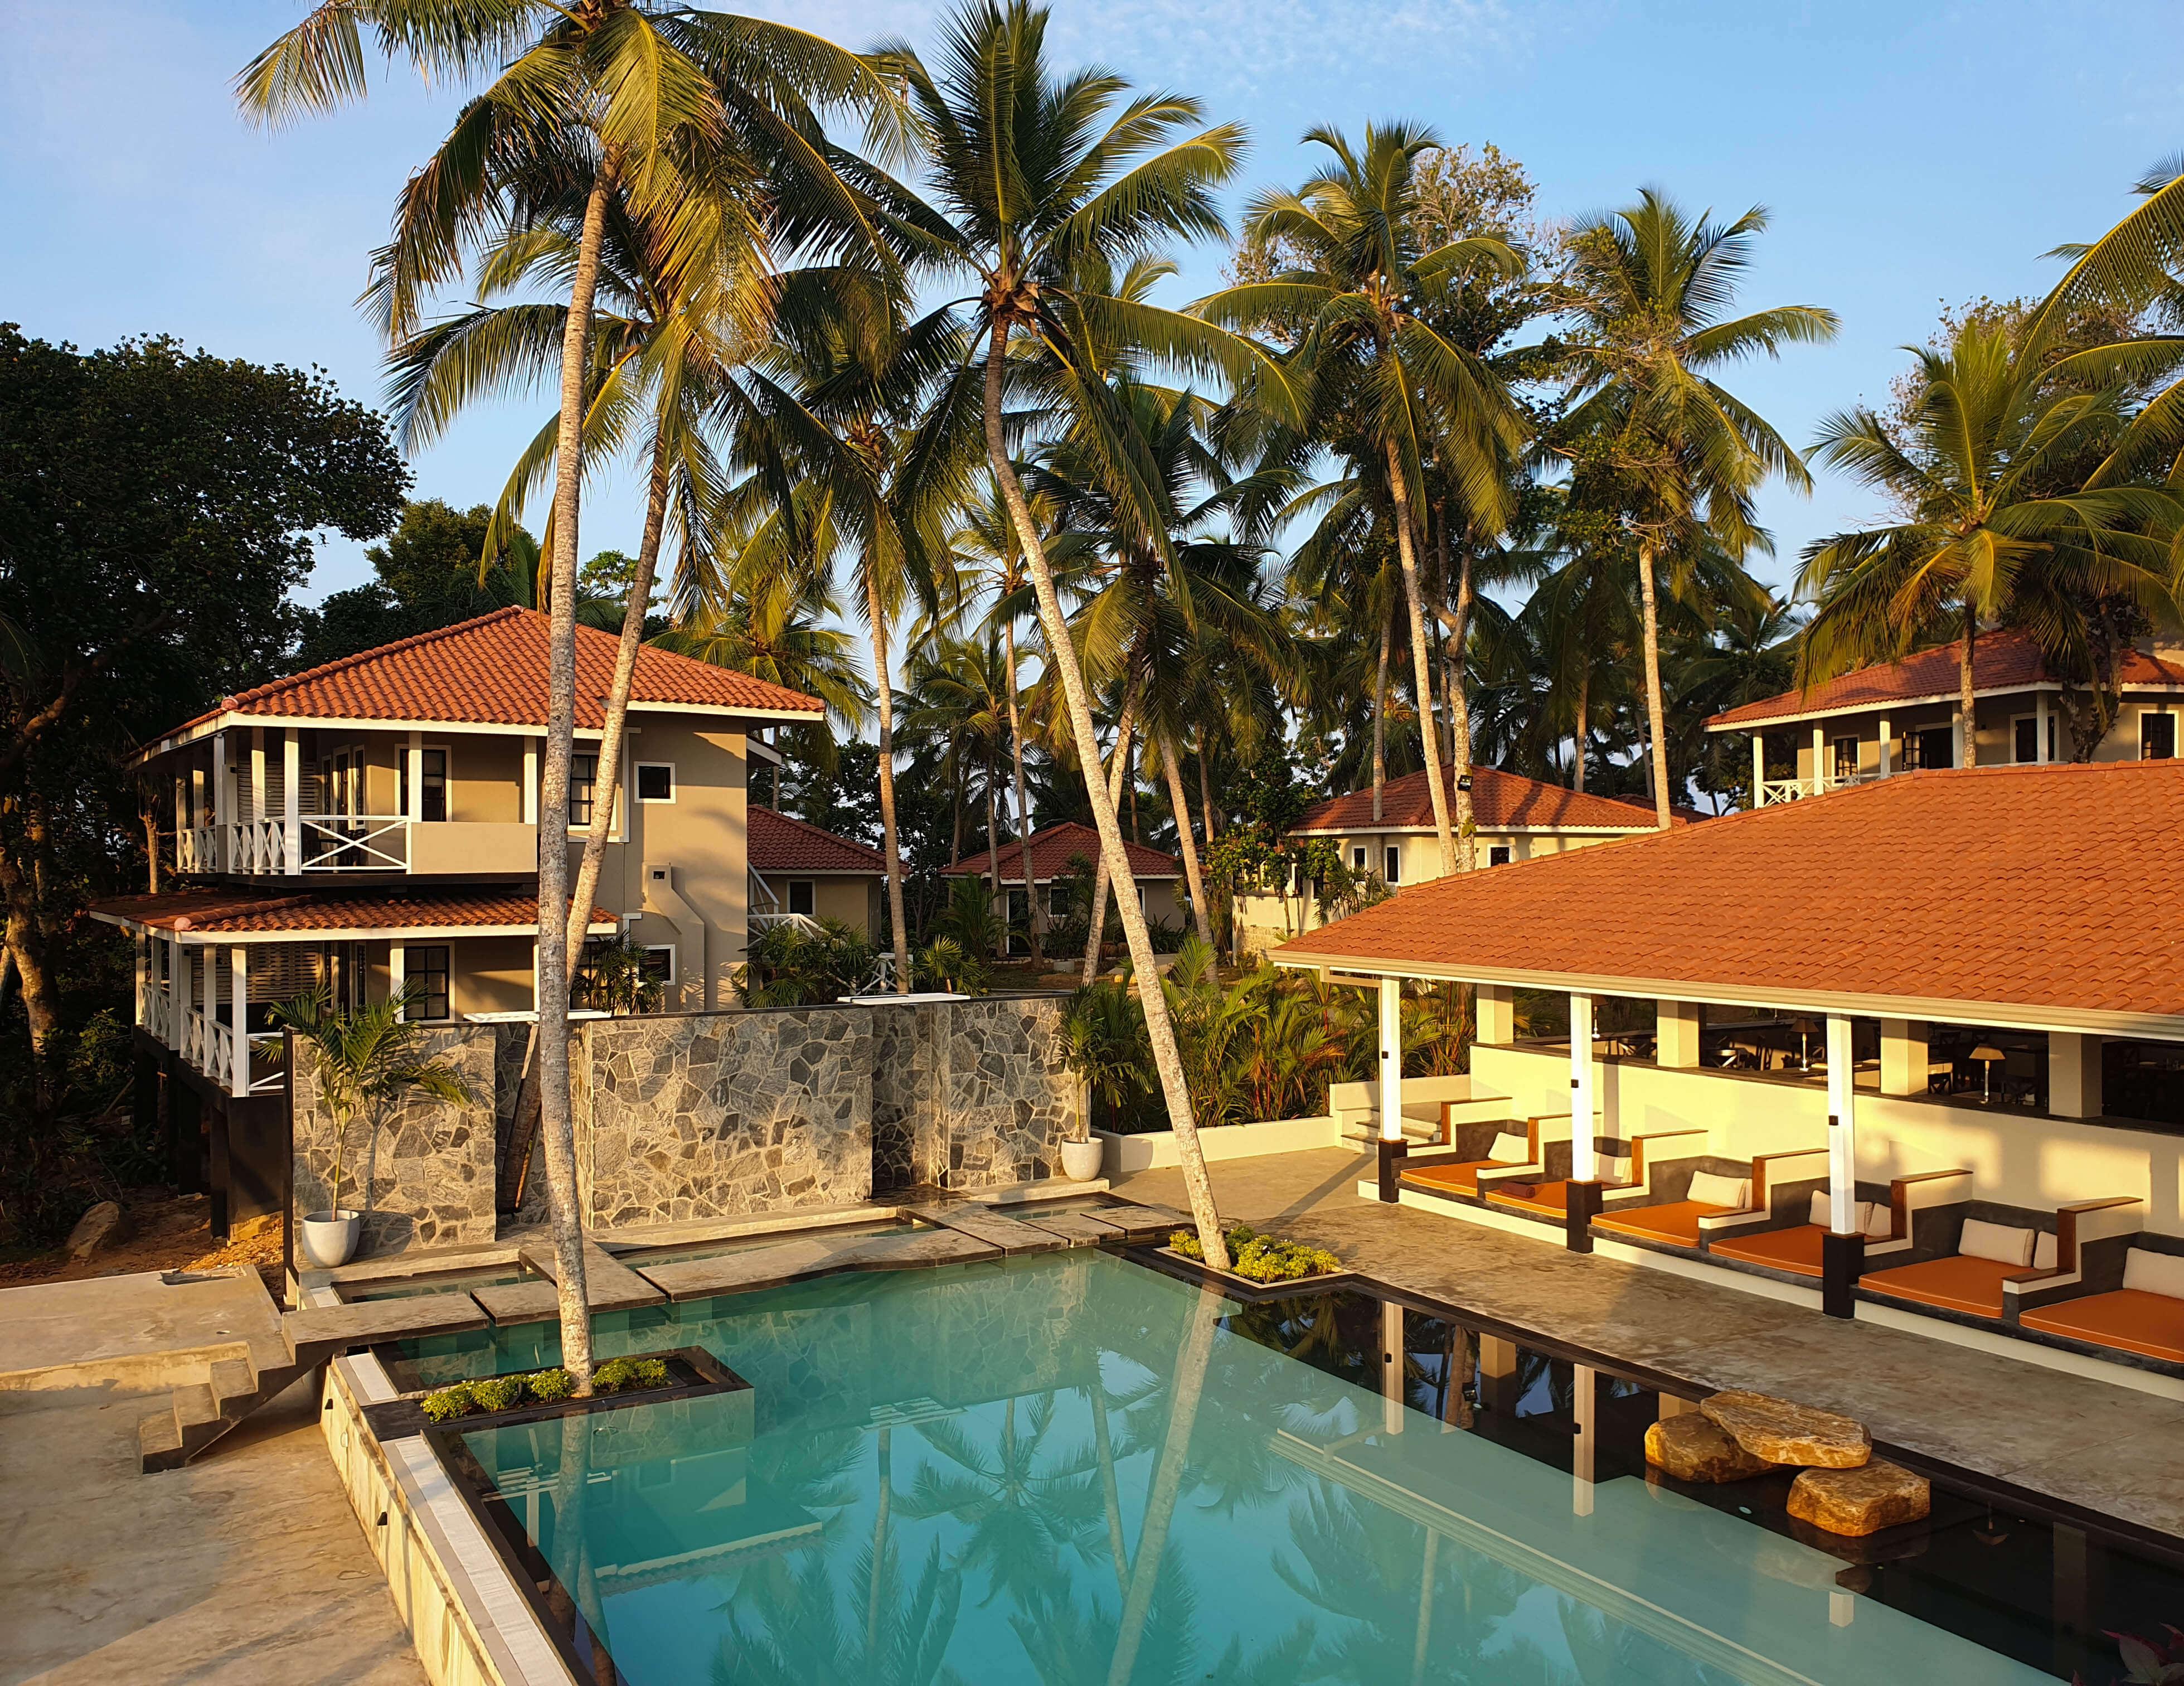 Geniet in het mooie luxe hotel Tabula Rasa net buiten Galle, Sri Lanka